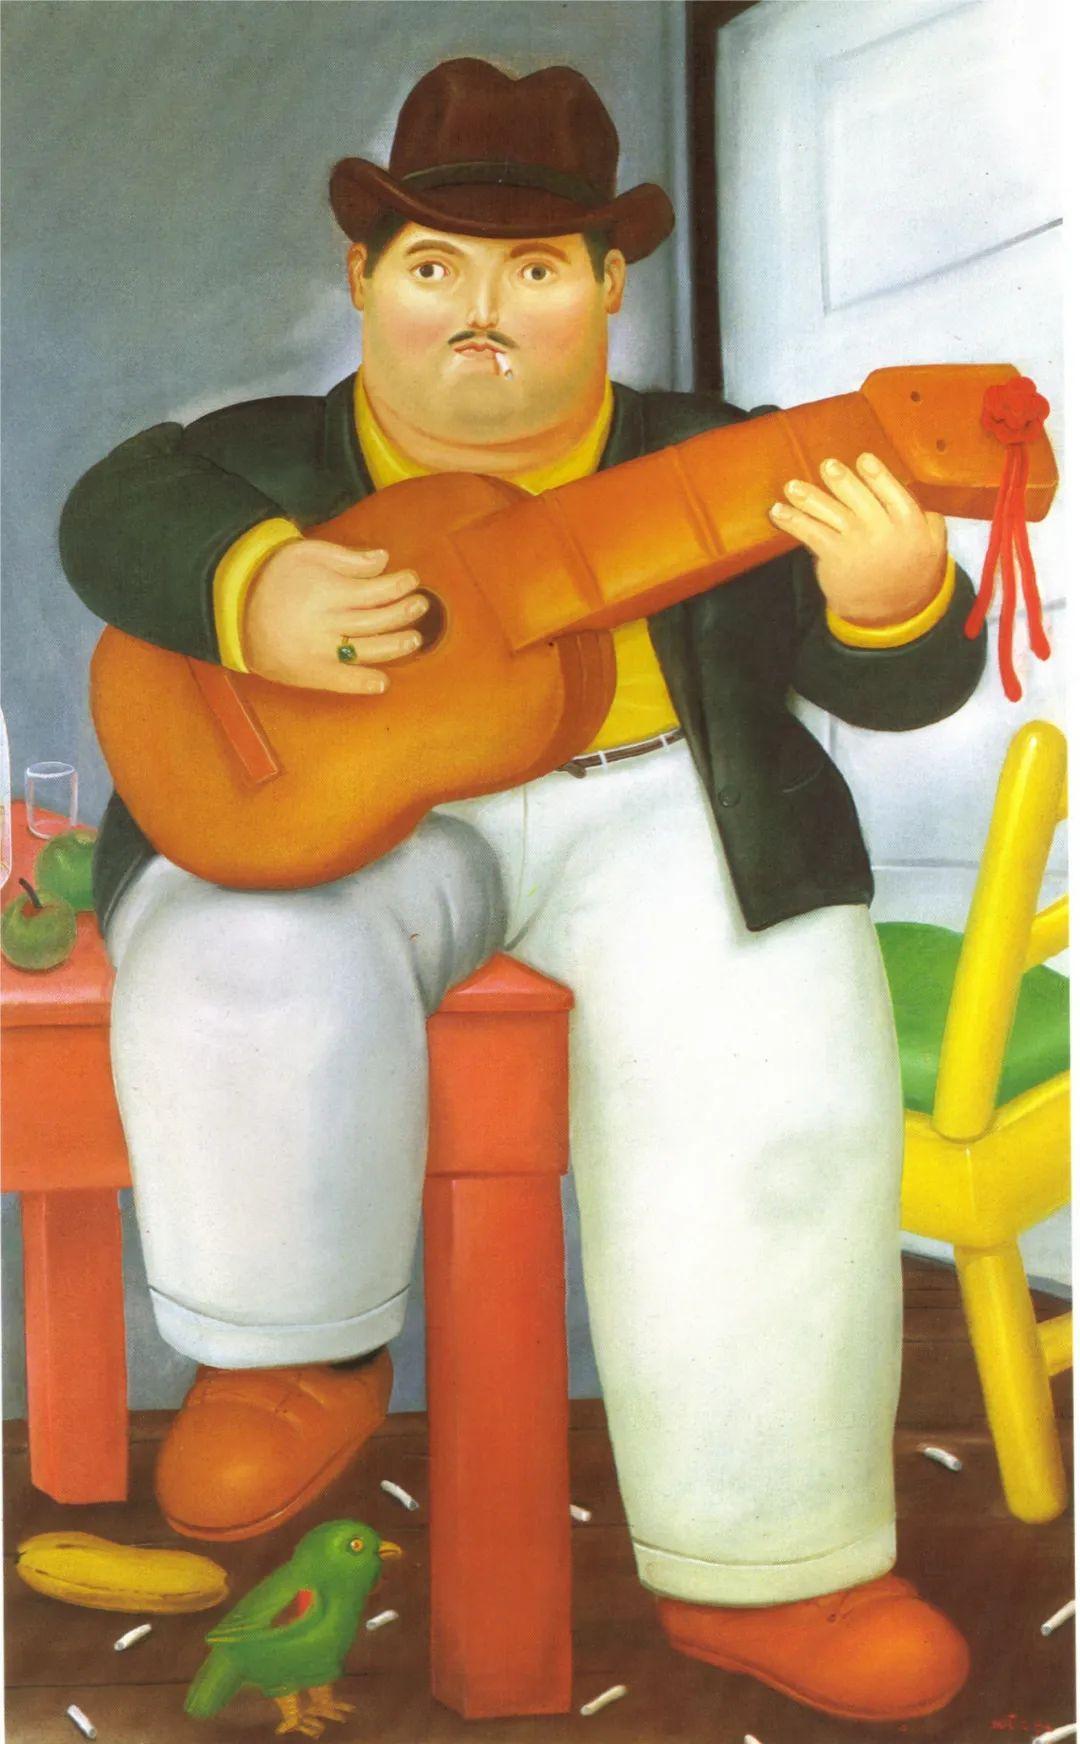 诙谐幽默的圆润形态 | 费尔南多·波特罗插图30